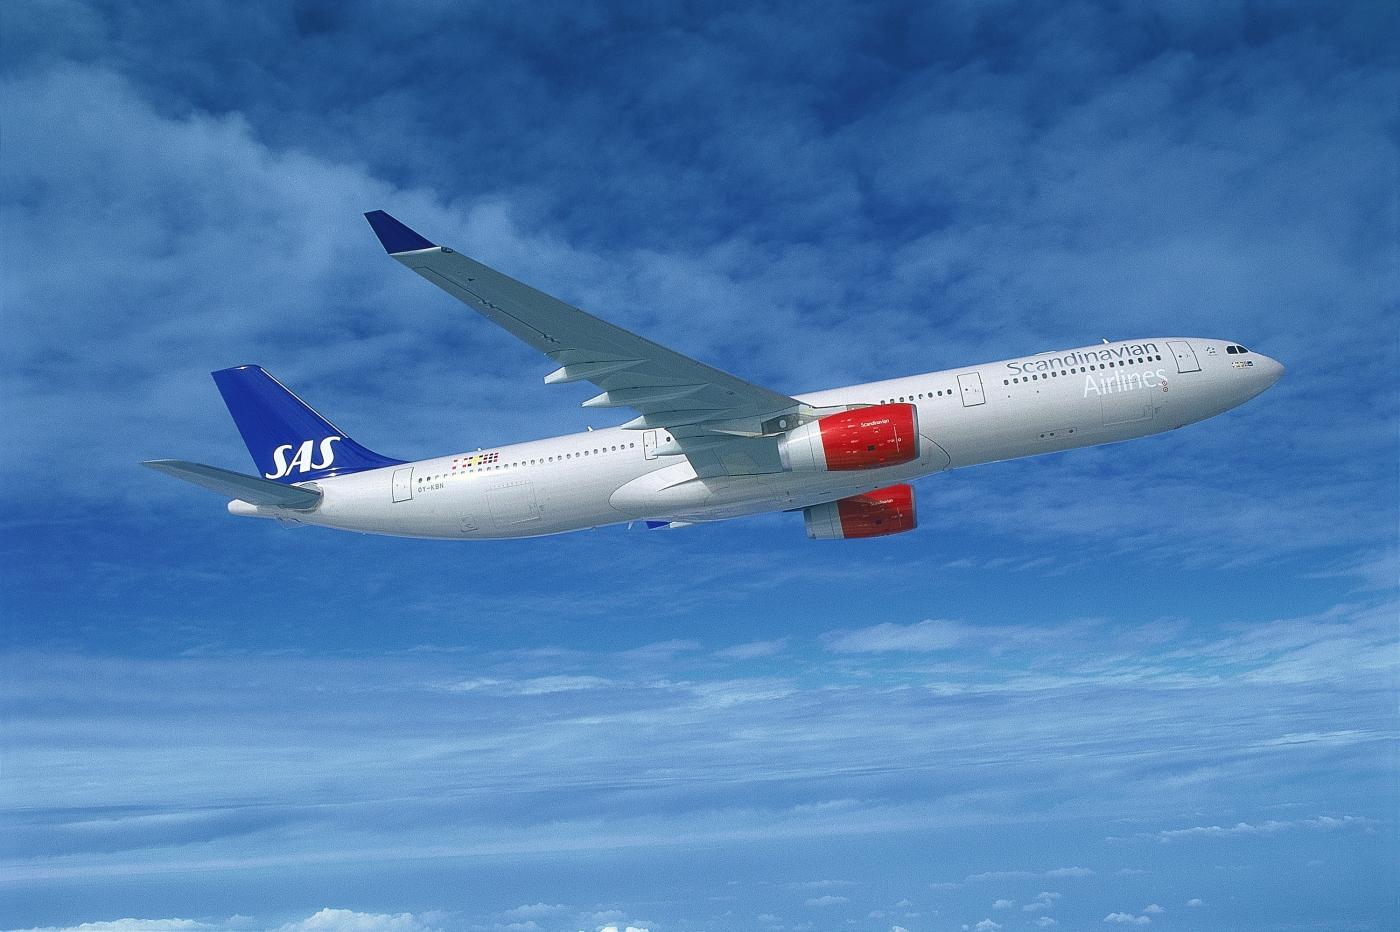 イージージェット、A320neoファミリー受領は2025年以降に延期